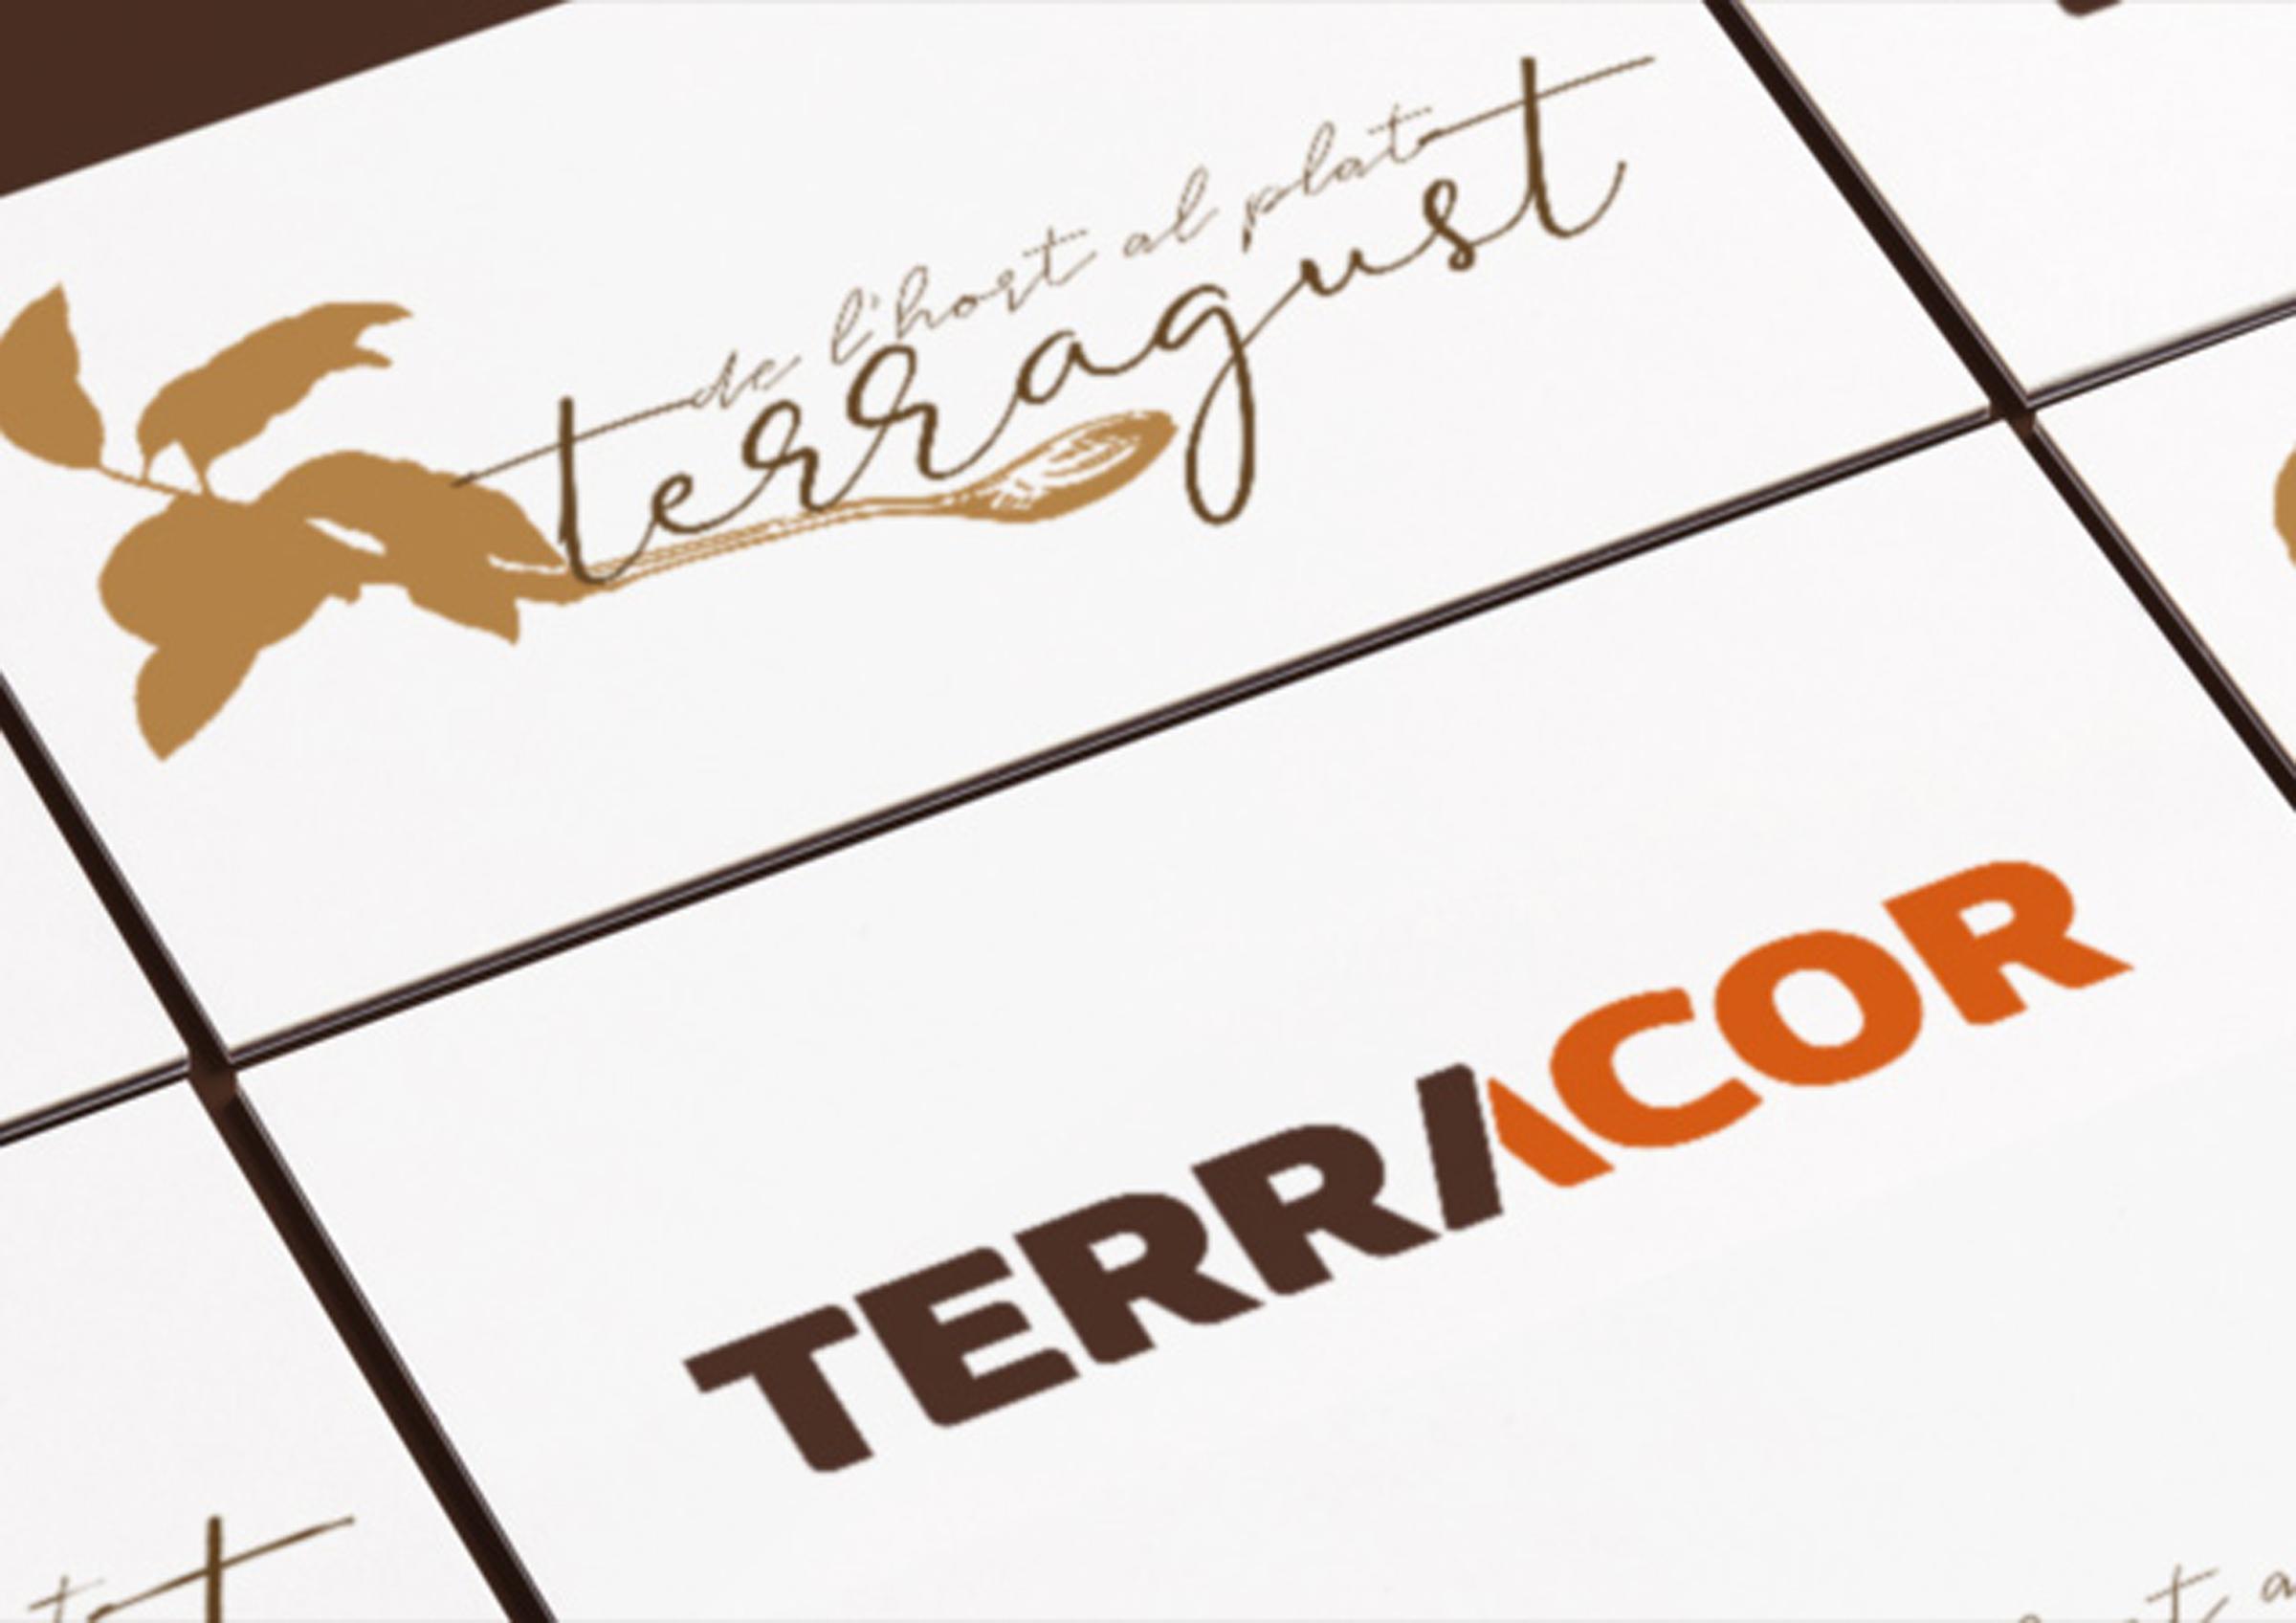 Terracor y Terragust